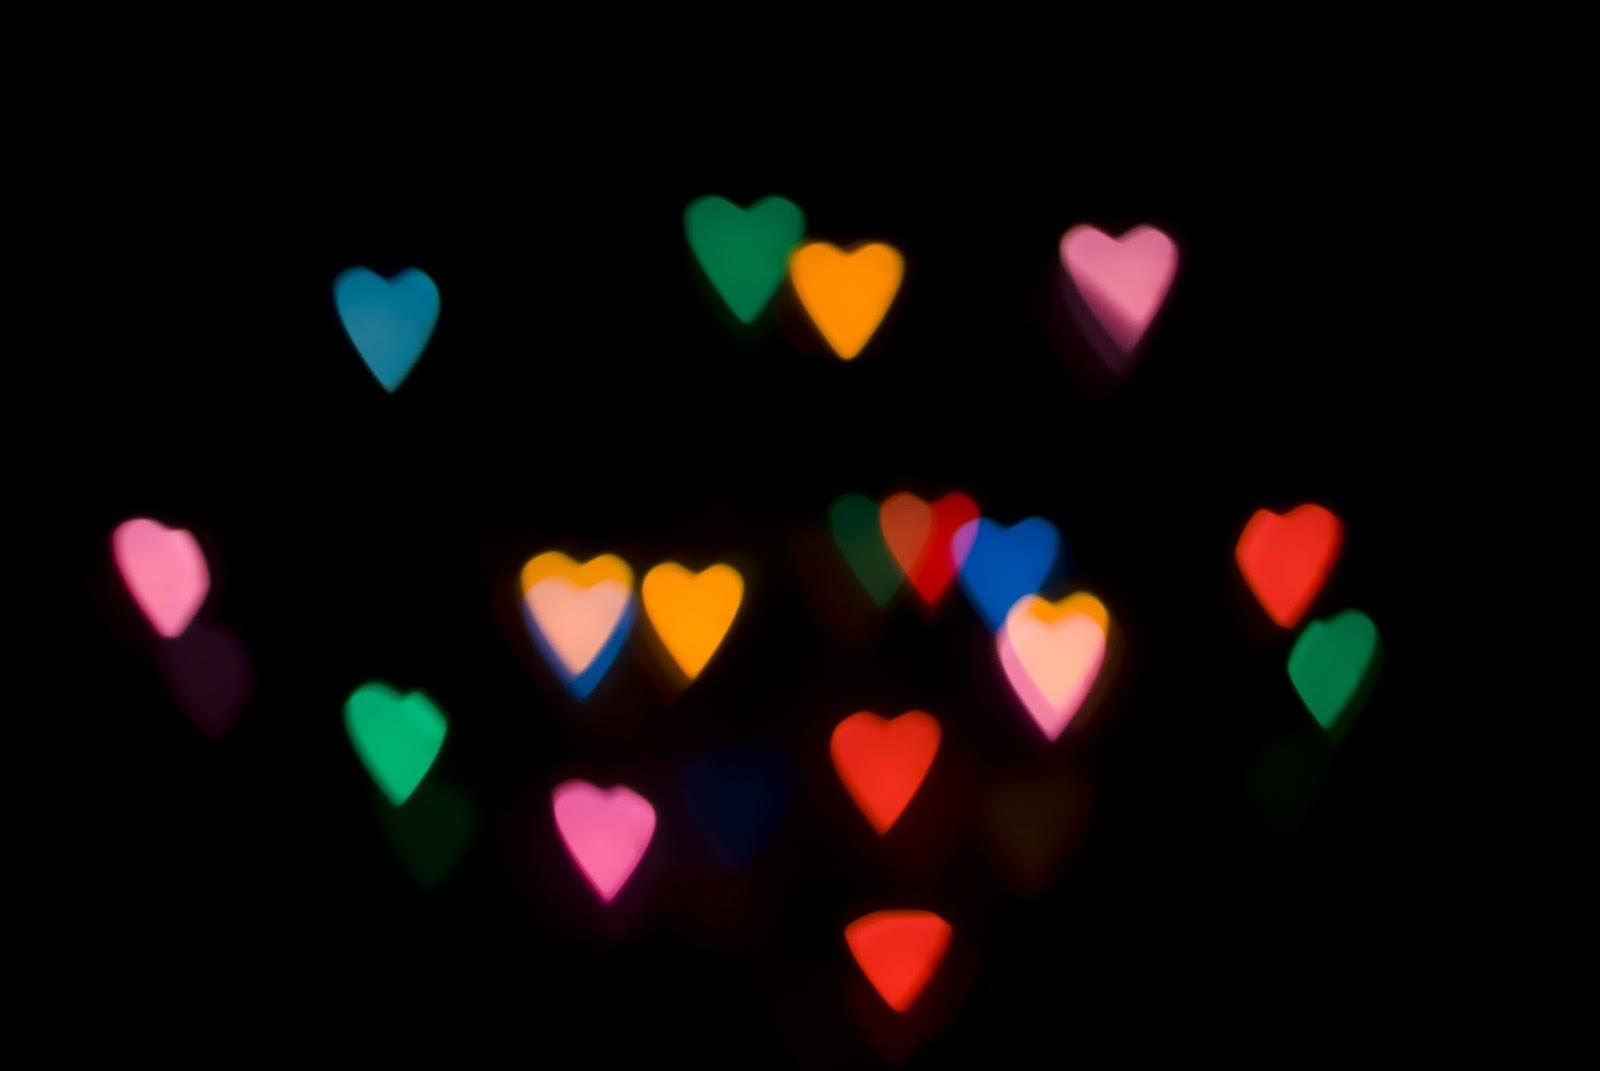 Image De Coeur Fond D Ecran Noir Avec Des Petits Coeurs Colores